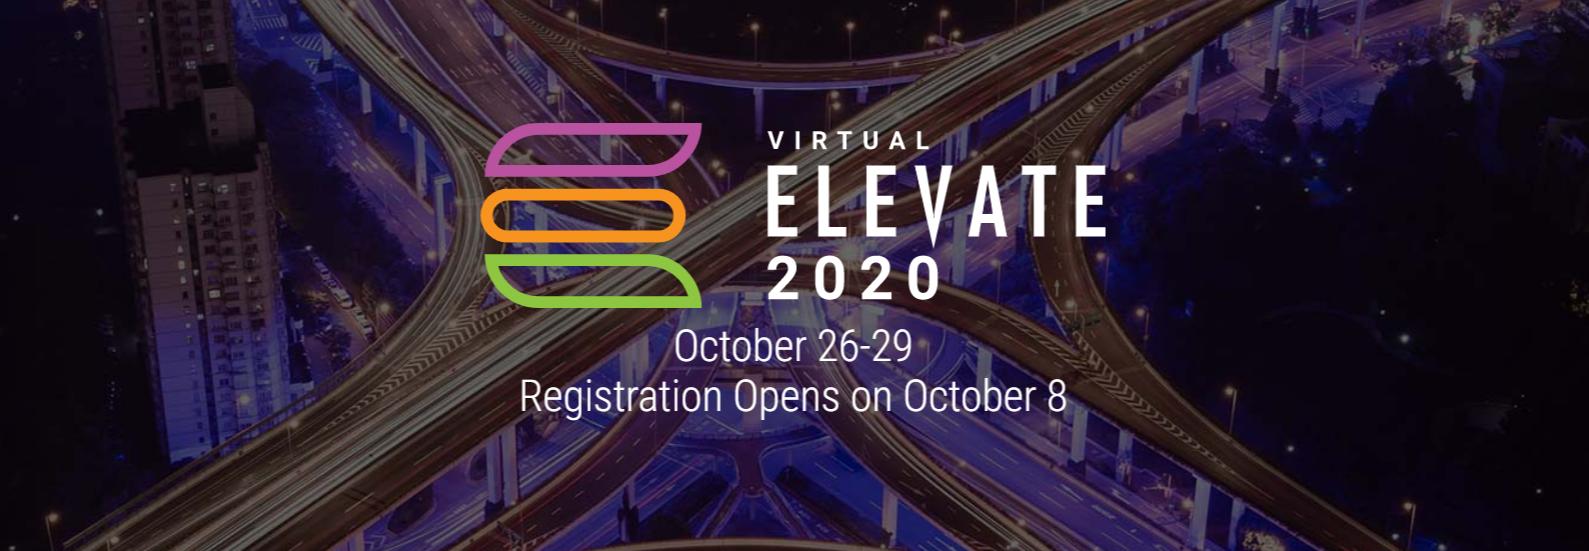 Virtual ELEVATE 2020 Header